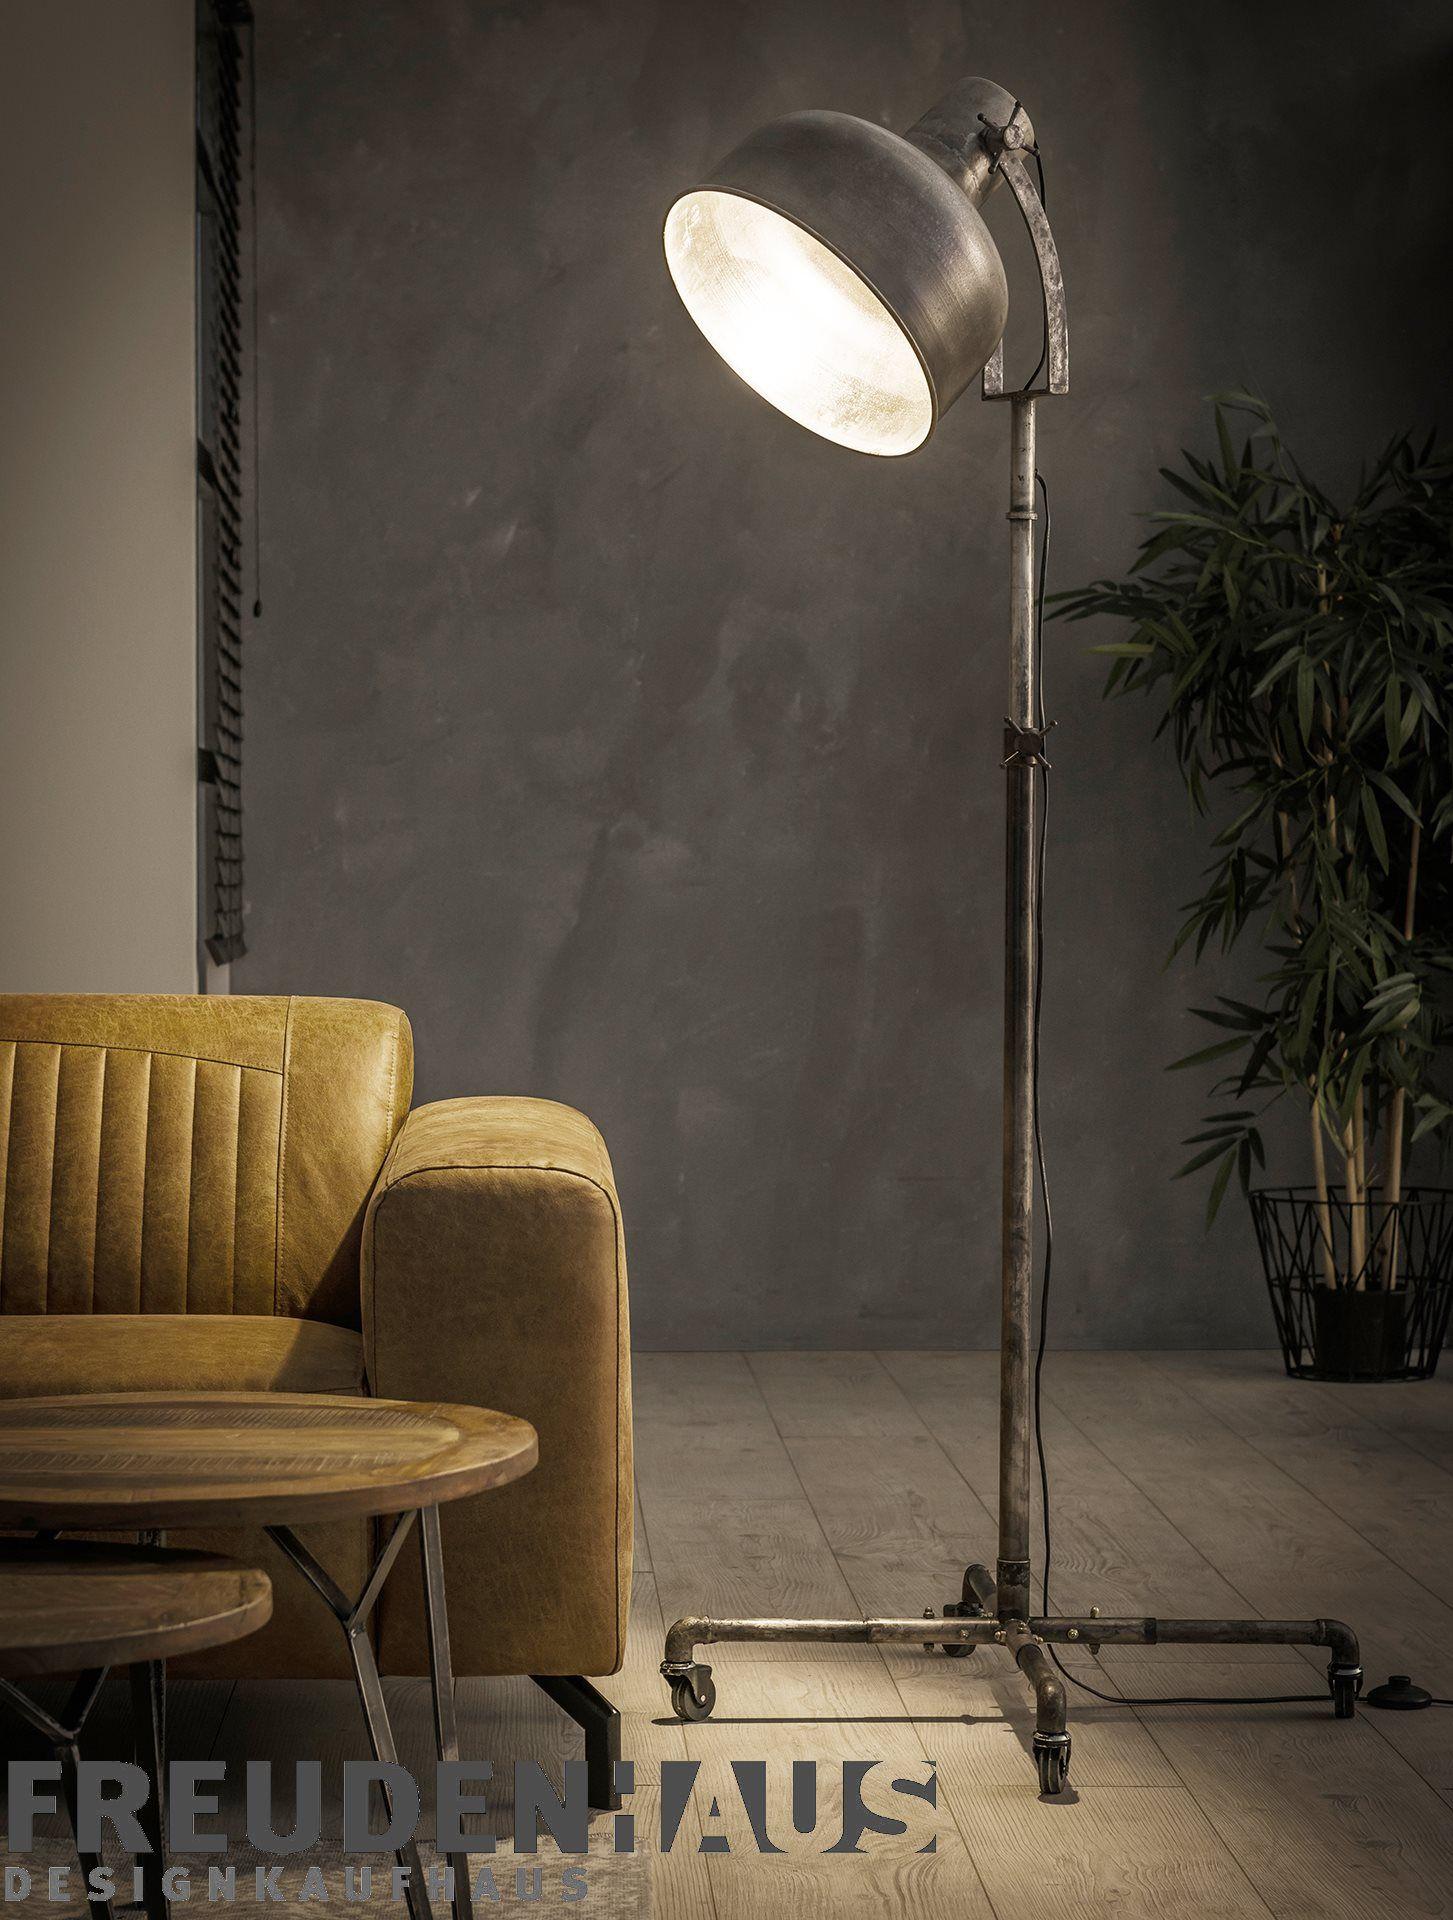 Full Size of Stehlampe Gotham Industrial Silber Auf Rdern In 2020 Ikea Küche Kosten Miniküche Modulküche Sofa Mit Schlaffunktion Kaufen Stehlampen Wohnzimmer Betten Bei Wohnzimmer Ikea Stehlampen